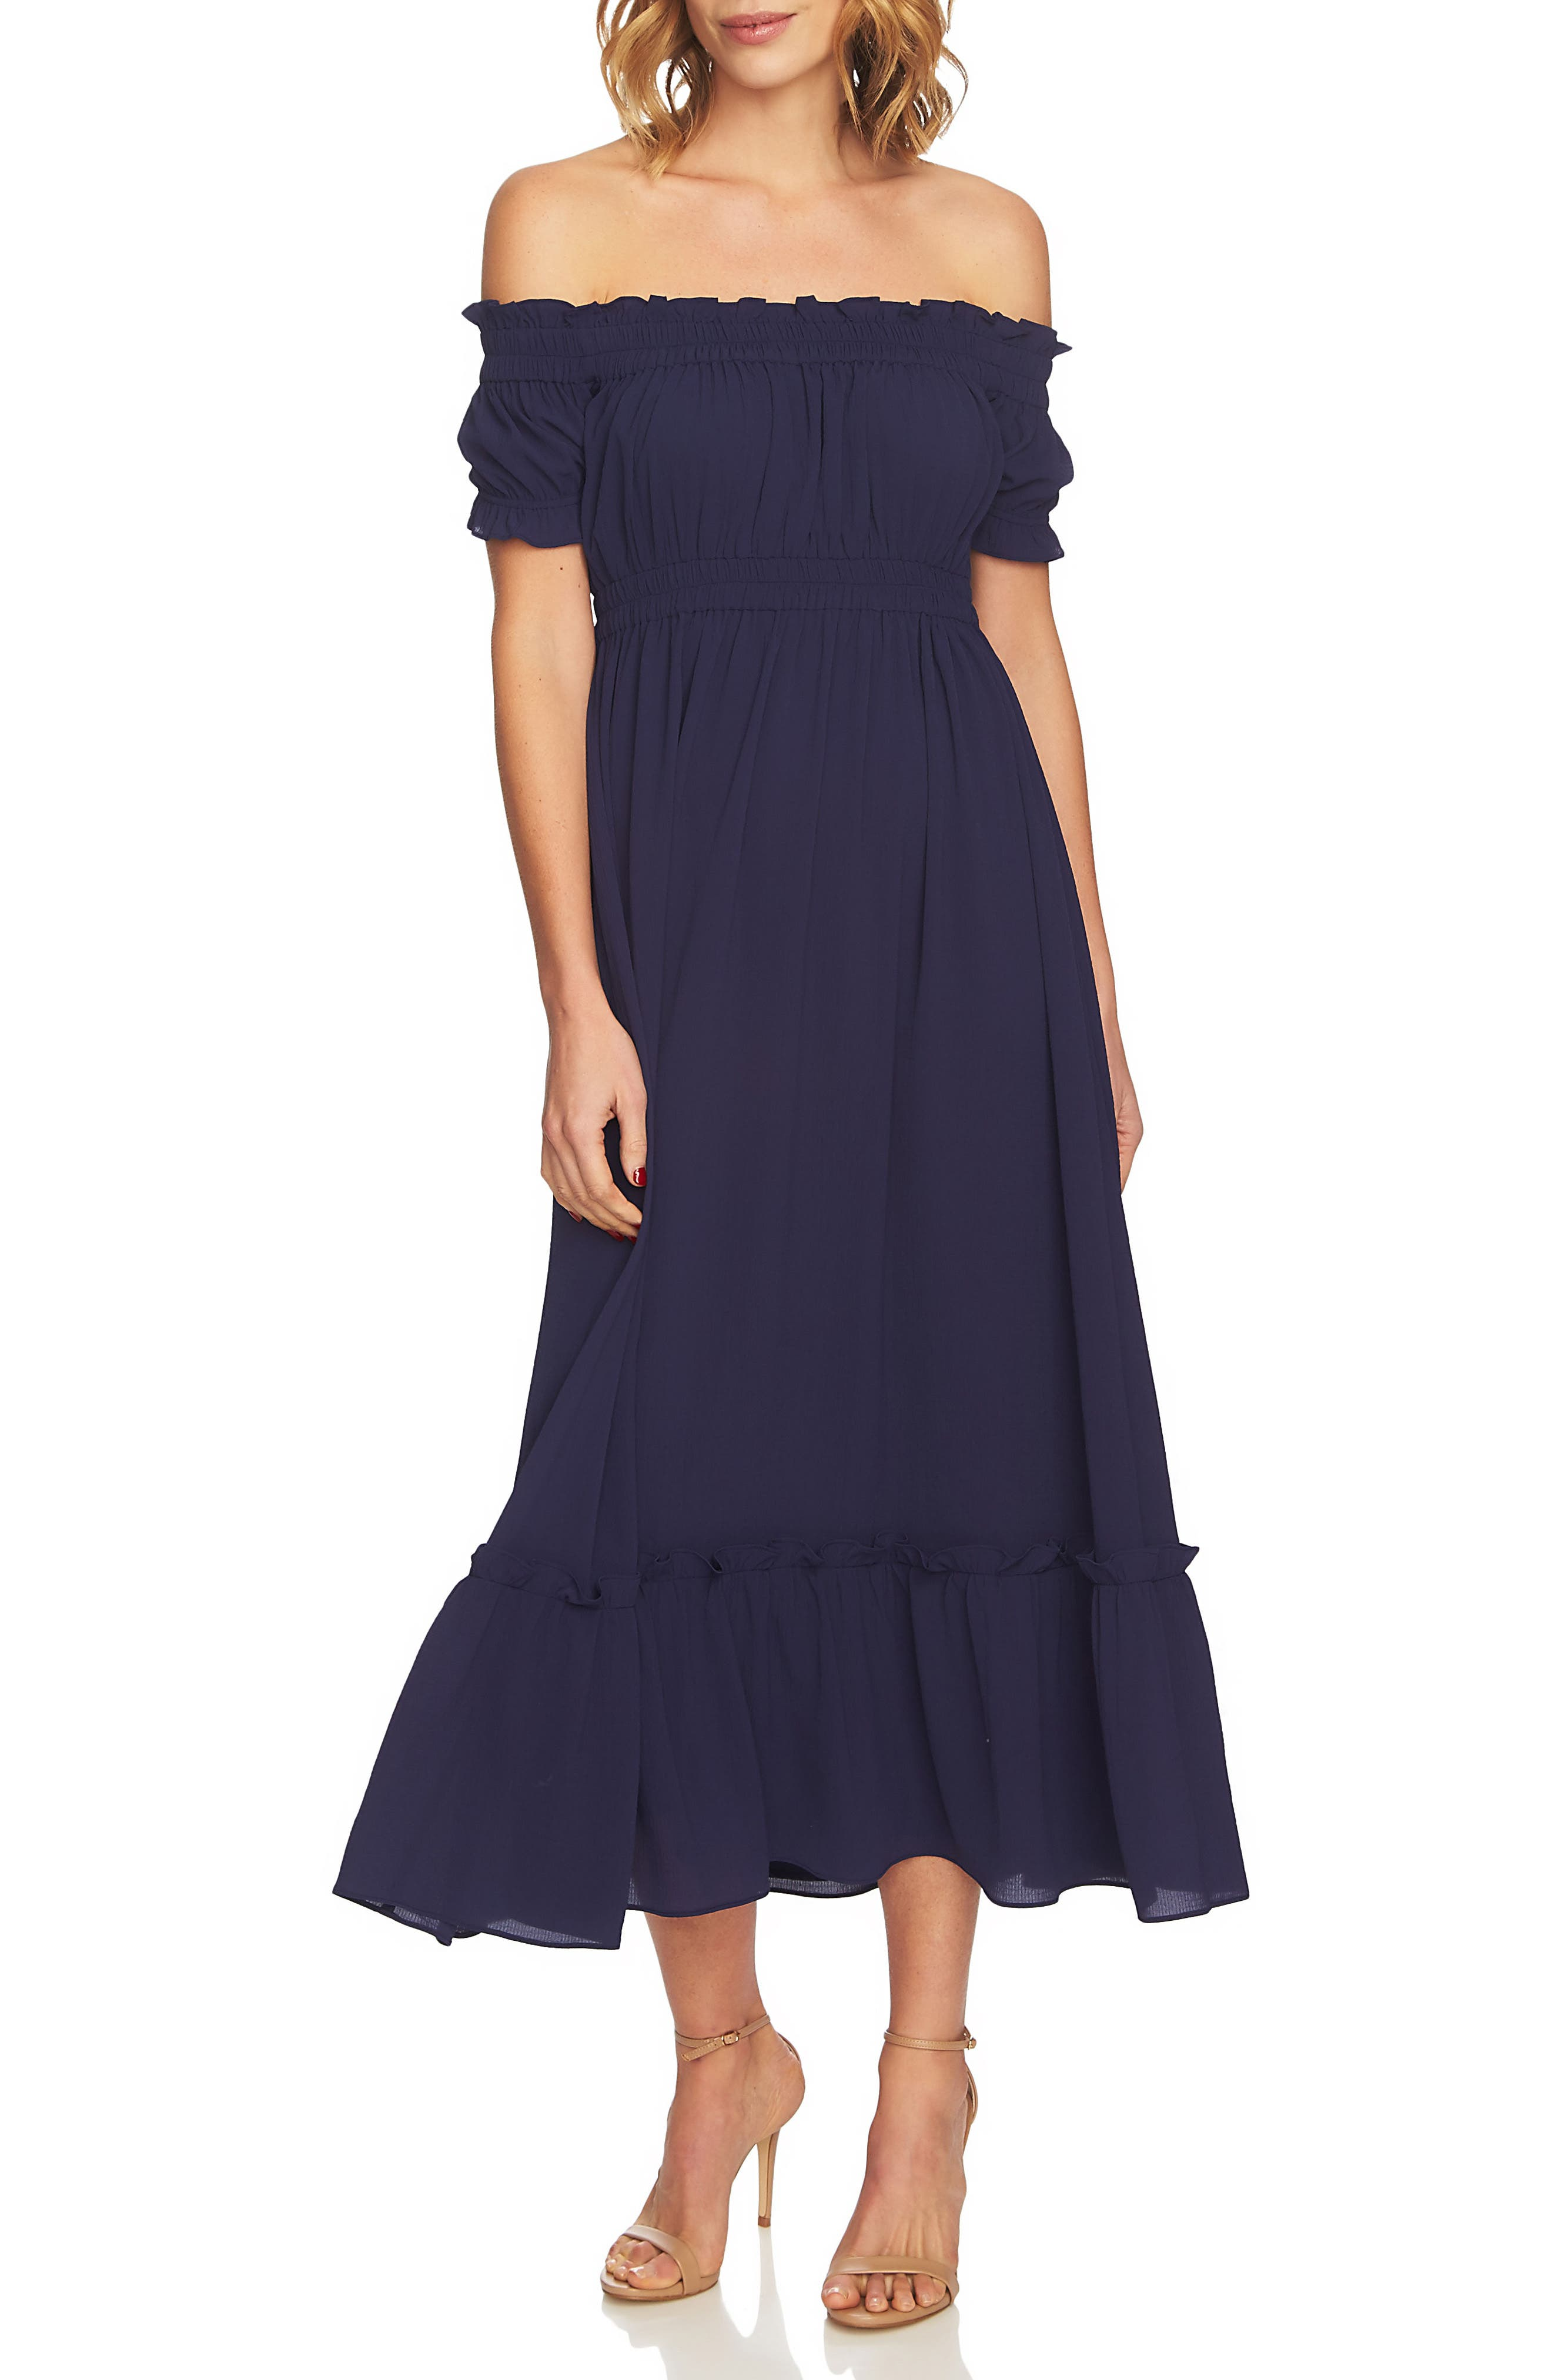 Vivian Off the Shoulder Smocked Maxi Dress,                             Main thumbnail 1, color,                             452